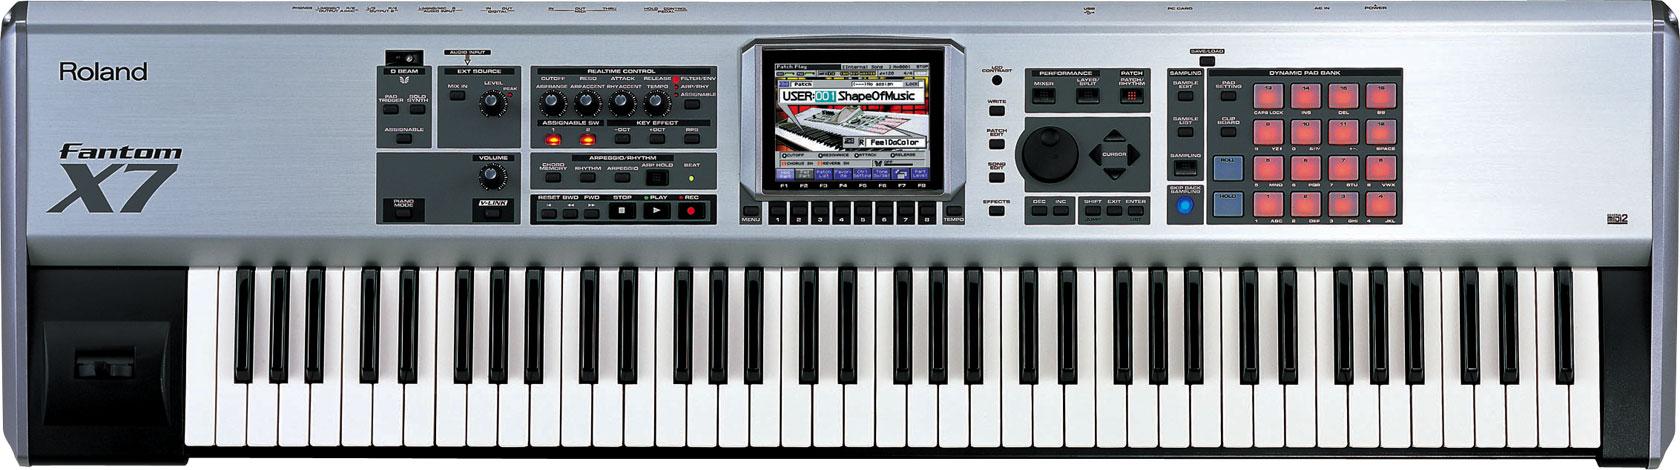 roland fantom x7 workstation keyboard. Black Bedroom Furniture Sets. Home Design Ideas